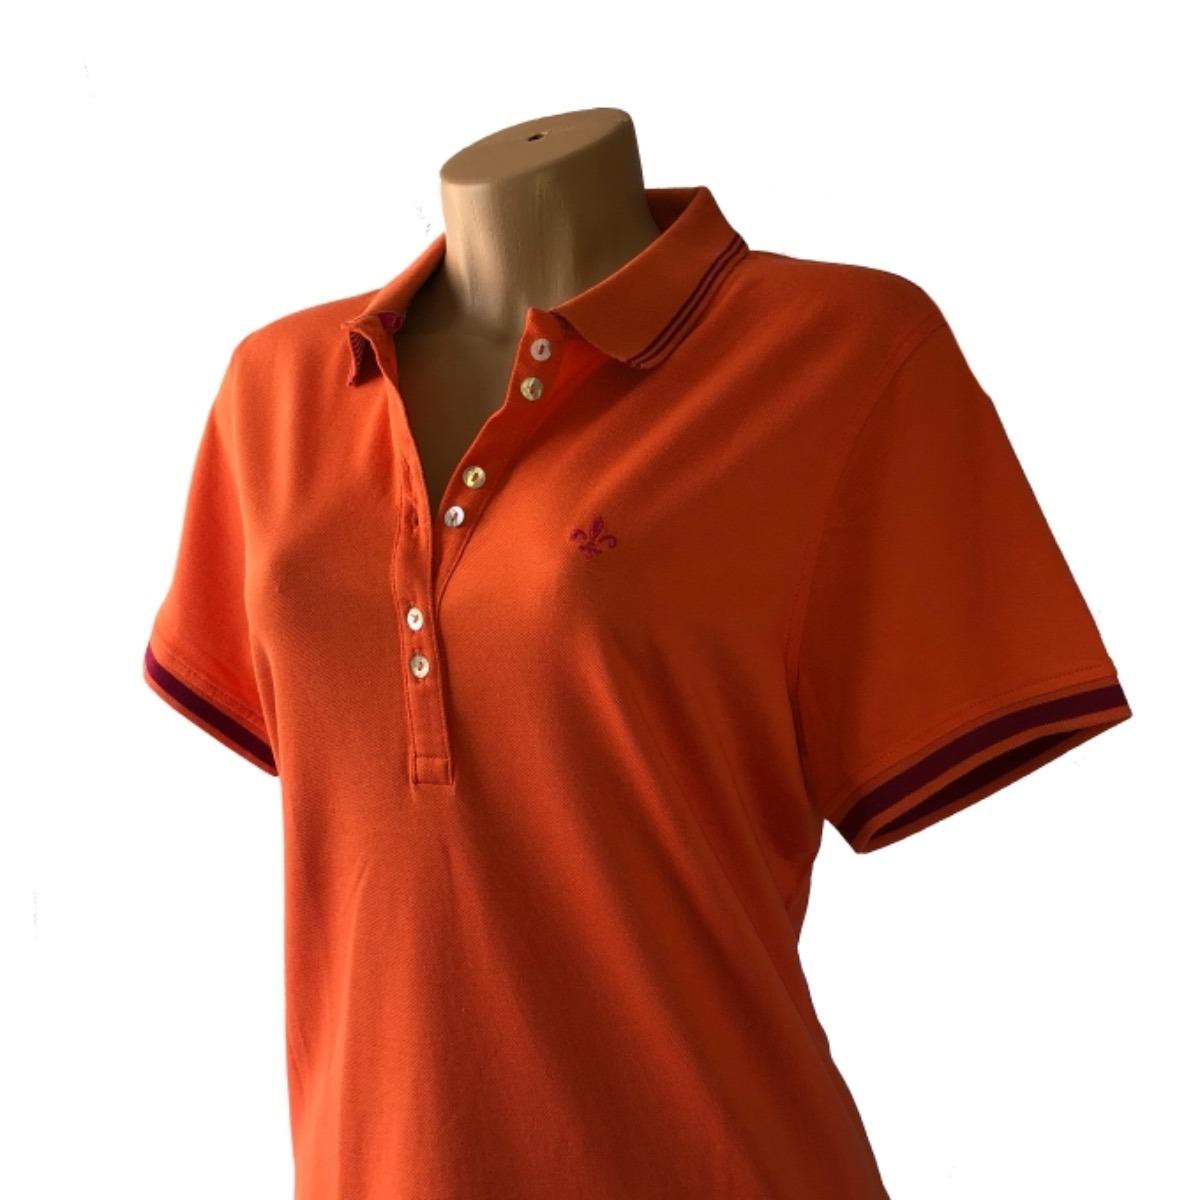 camisa polo dudalina manga curta tecido pique pima feminina. Carregando  zoom. 09163cbd8835b